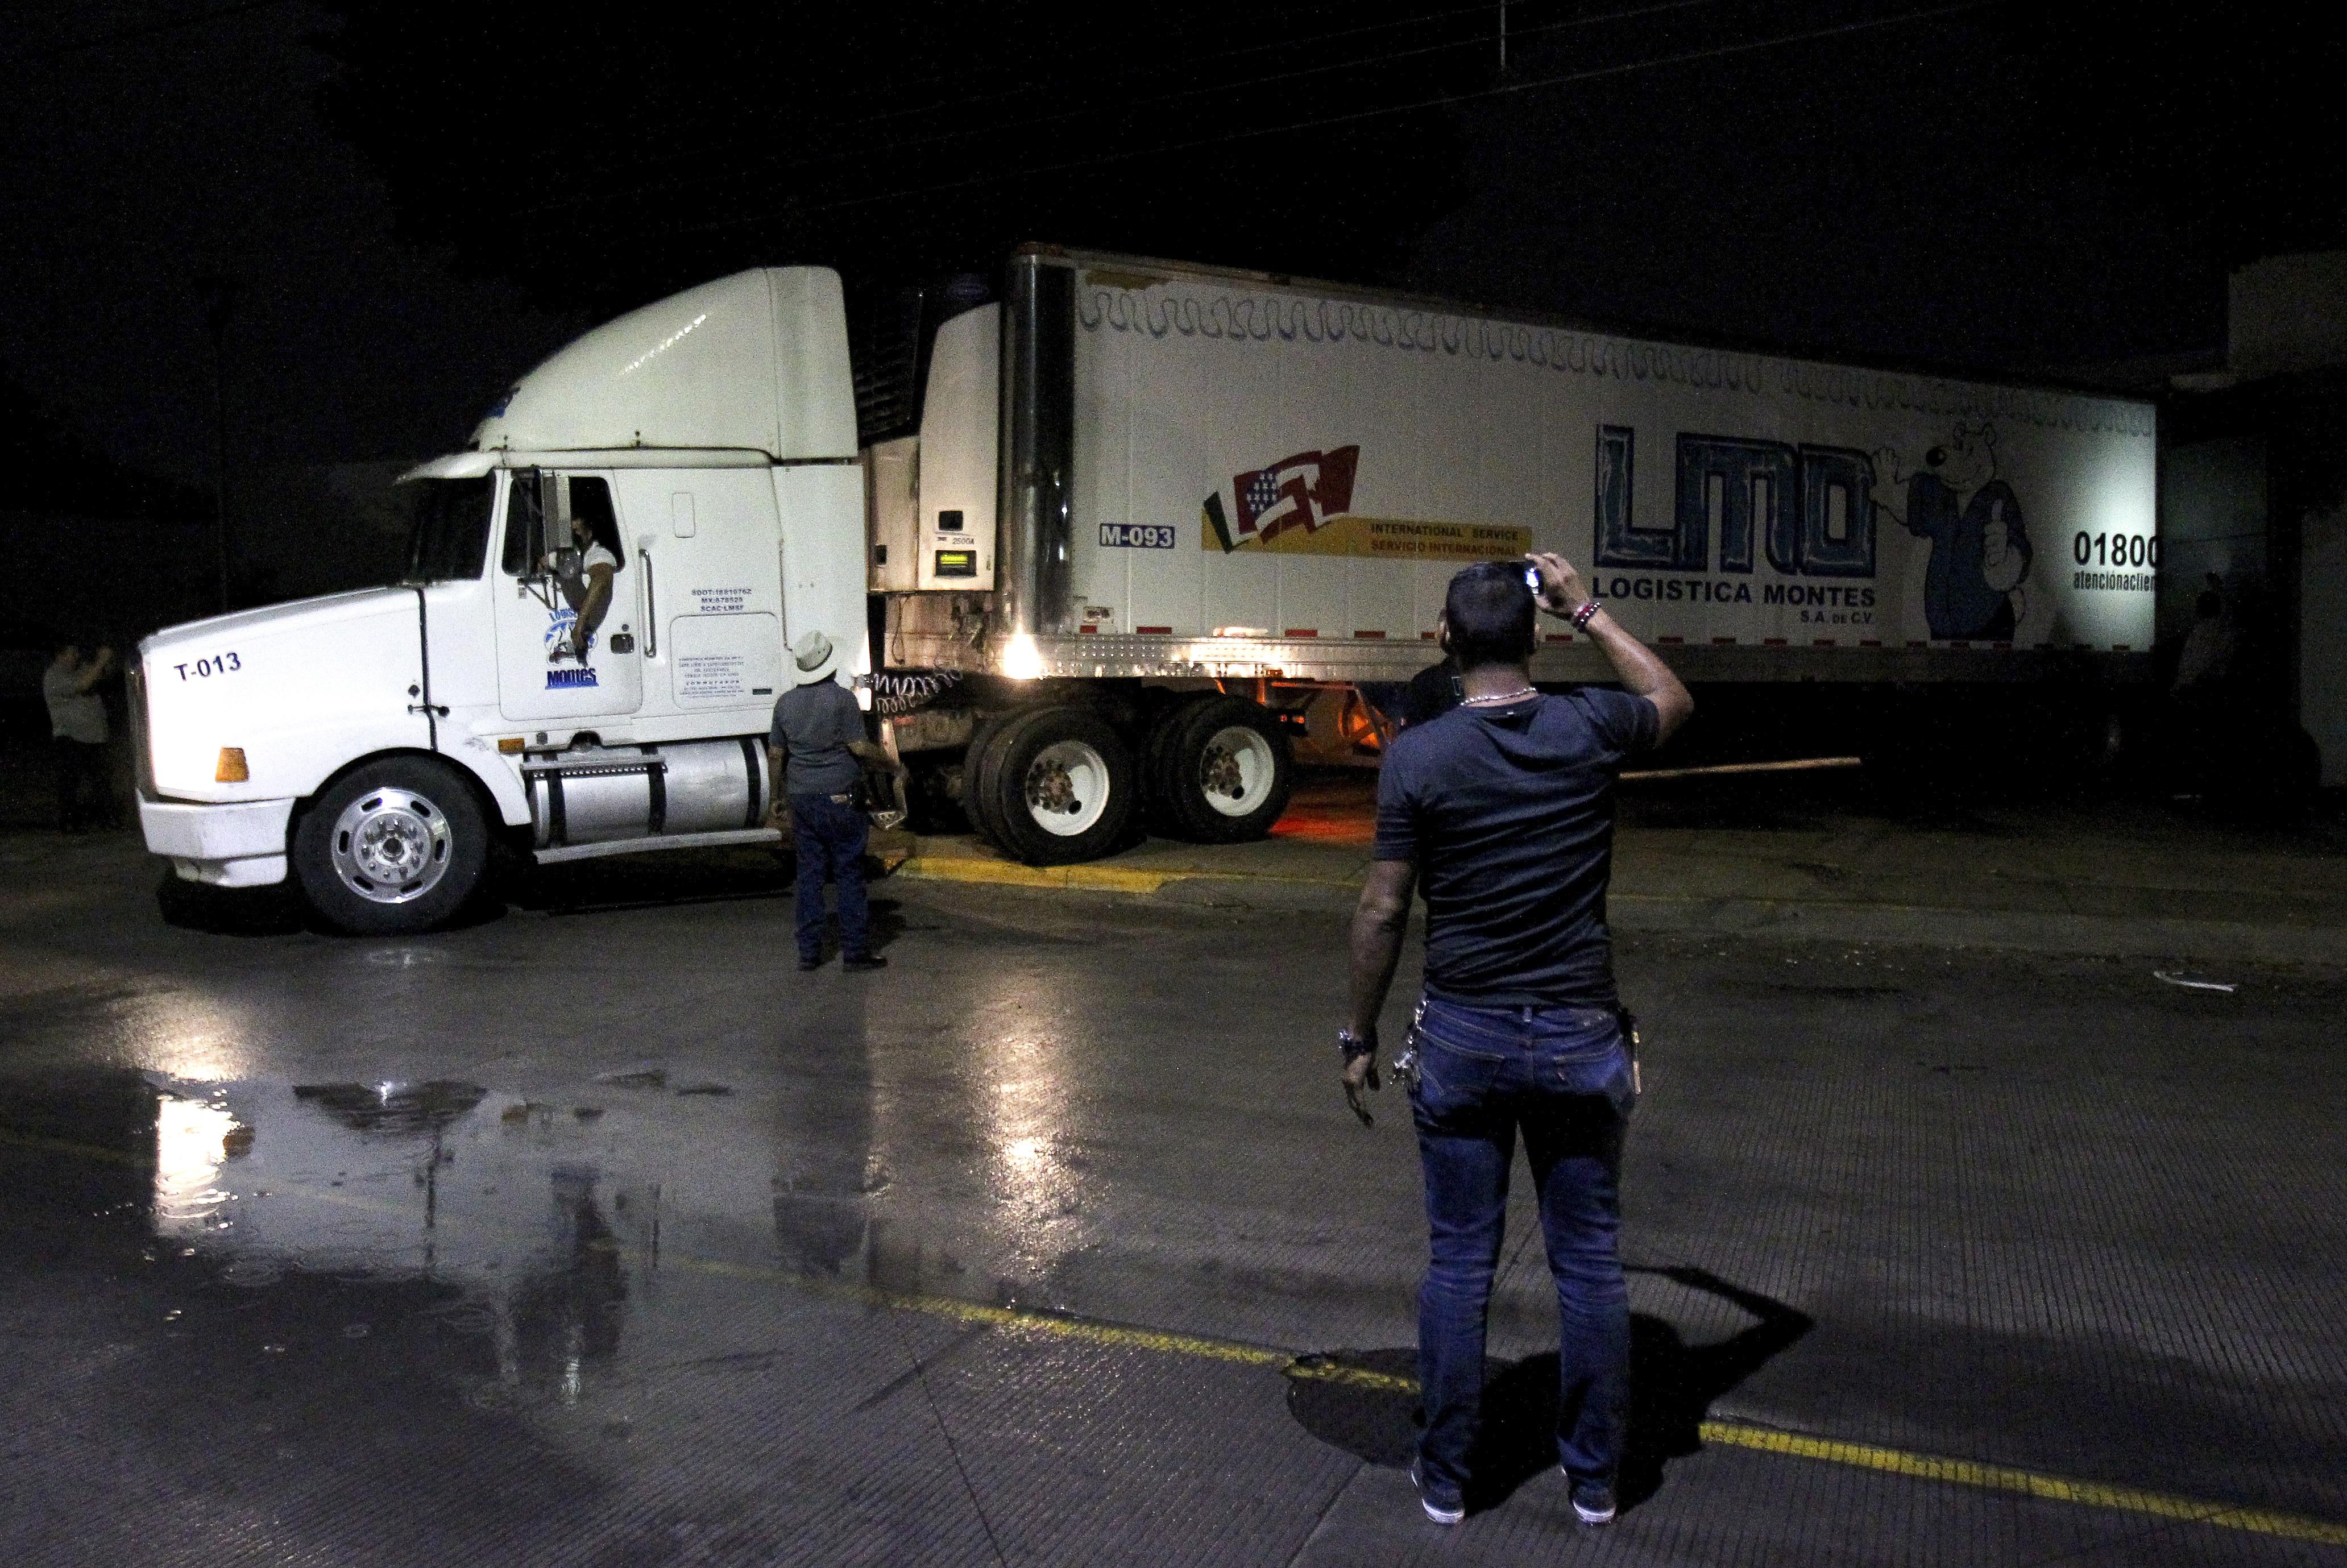 Megteltek a halottasházak, a mexikói rendőrök egyszerűen otthagytak száznál is több holttesttet egy kamionban